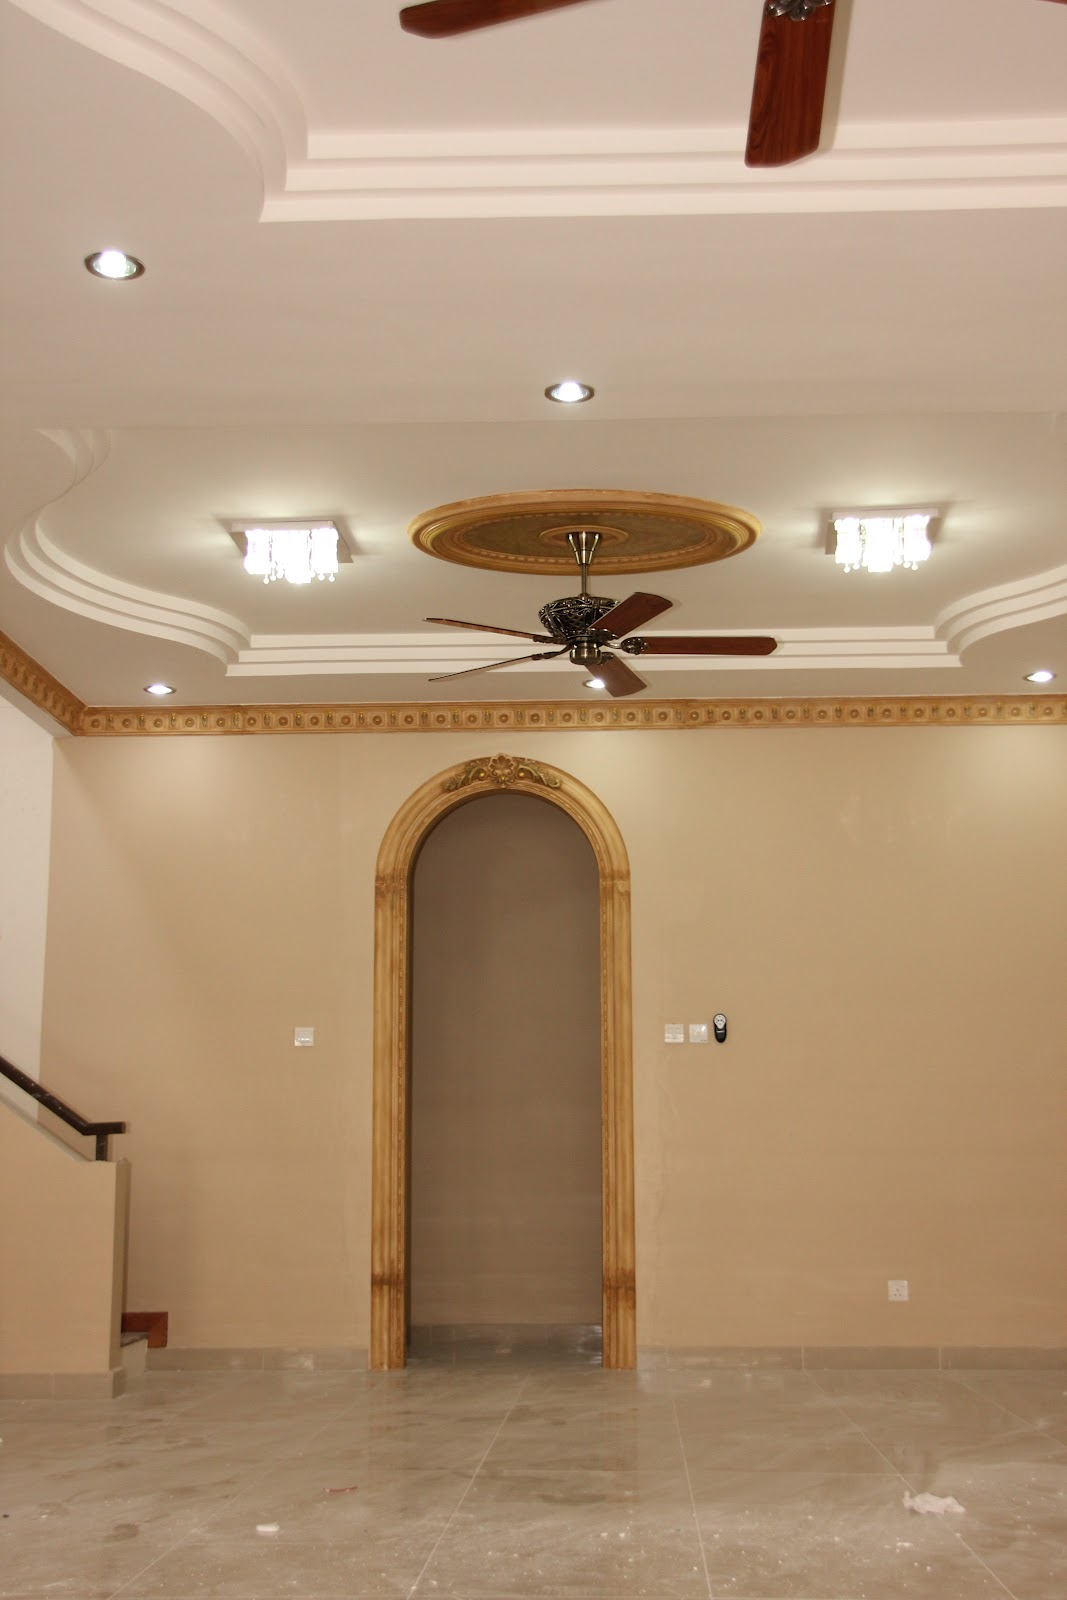 Plaster Ceiling Design : Plaster ceiling design shah alam